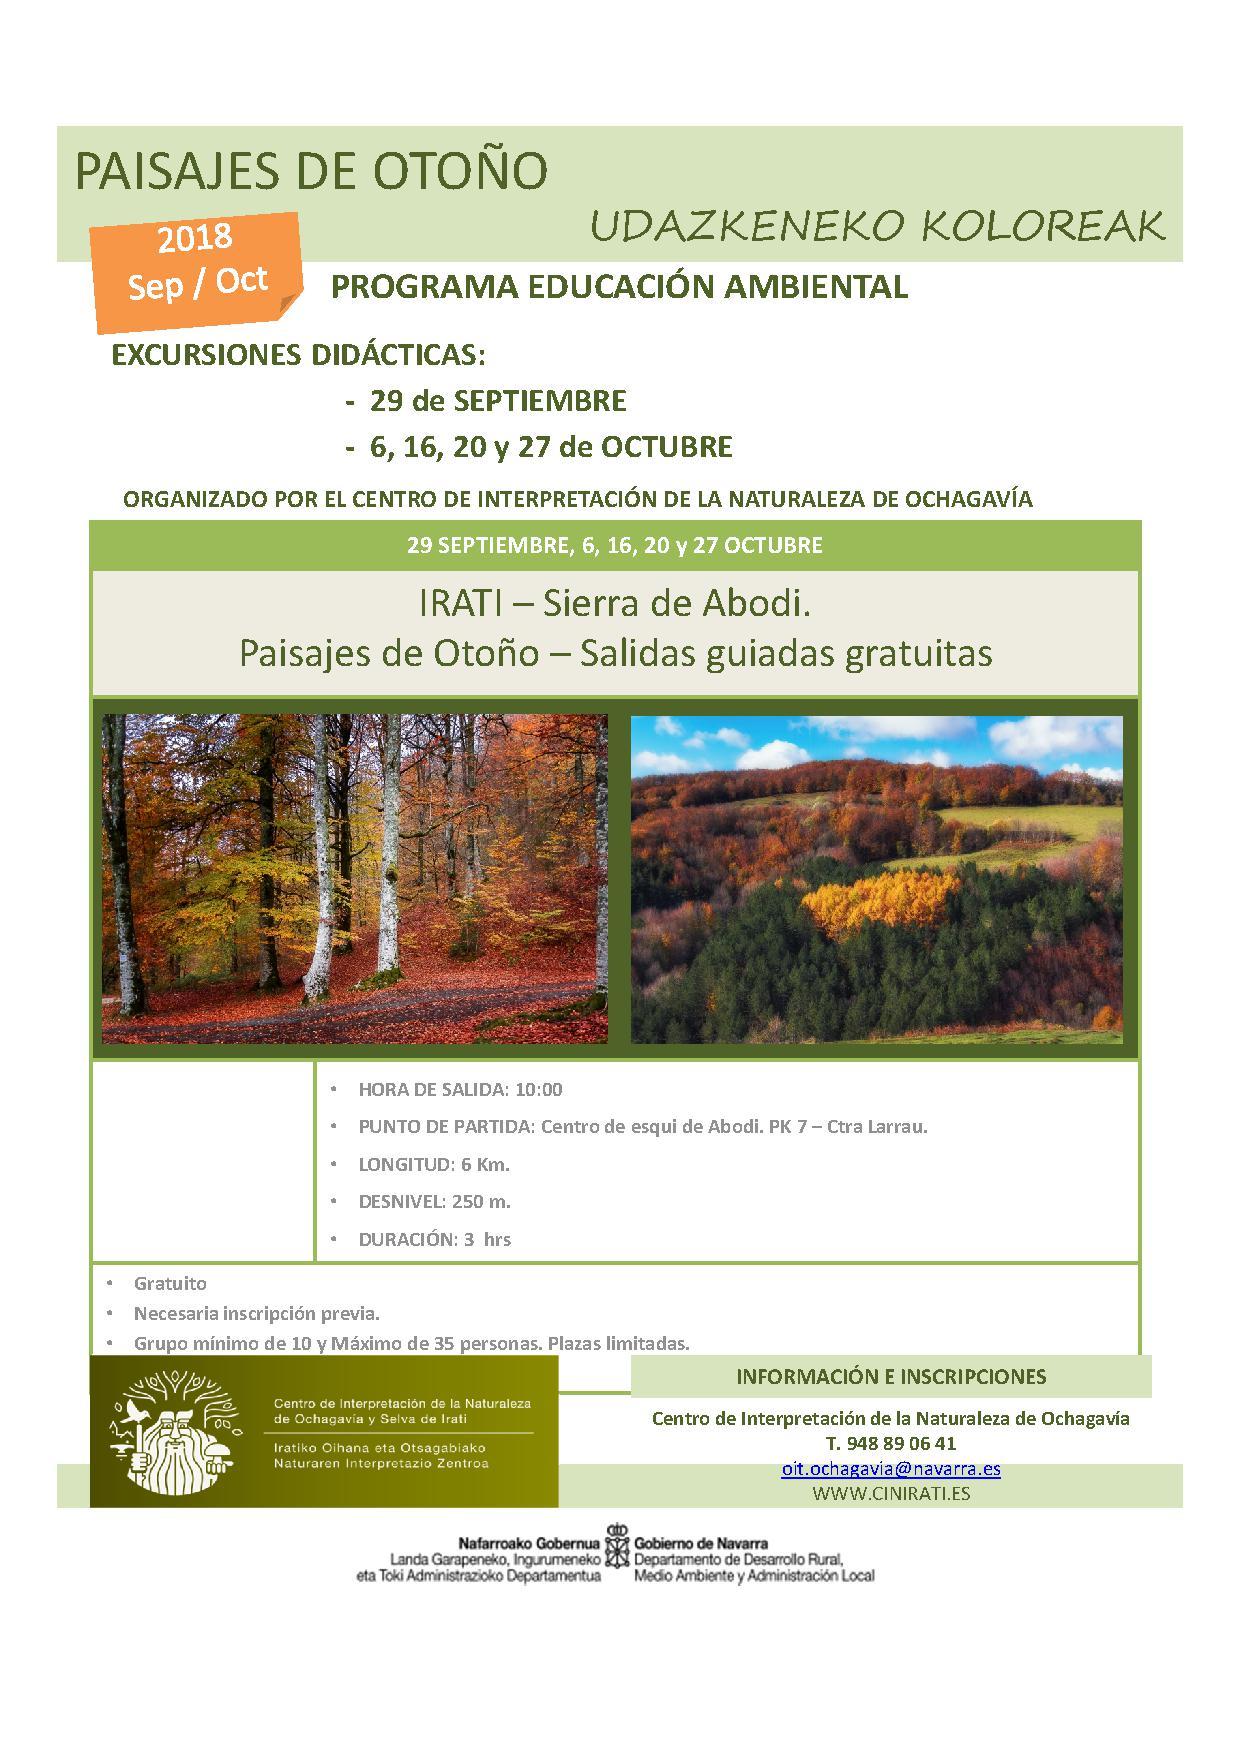 Programa Otoño Salidas educación ambiental (cast) 2018 PAISAJES DE OTOÑO